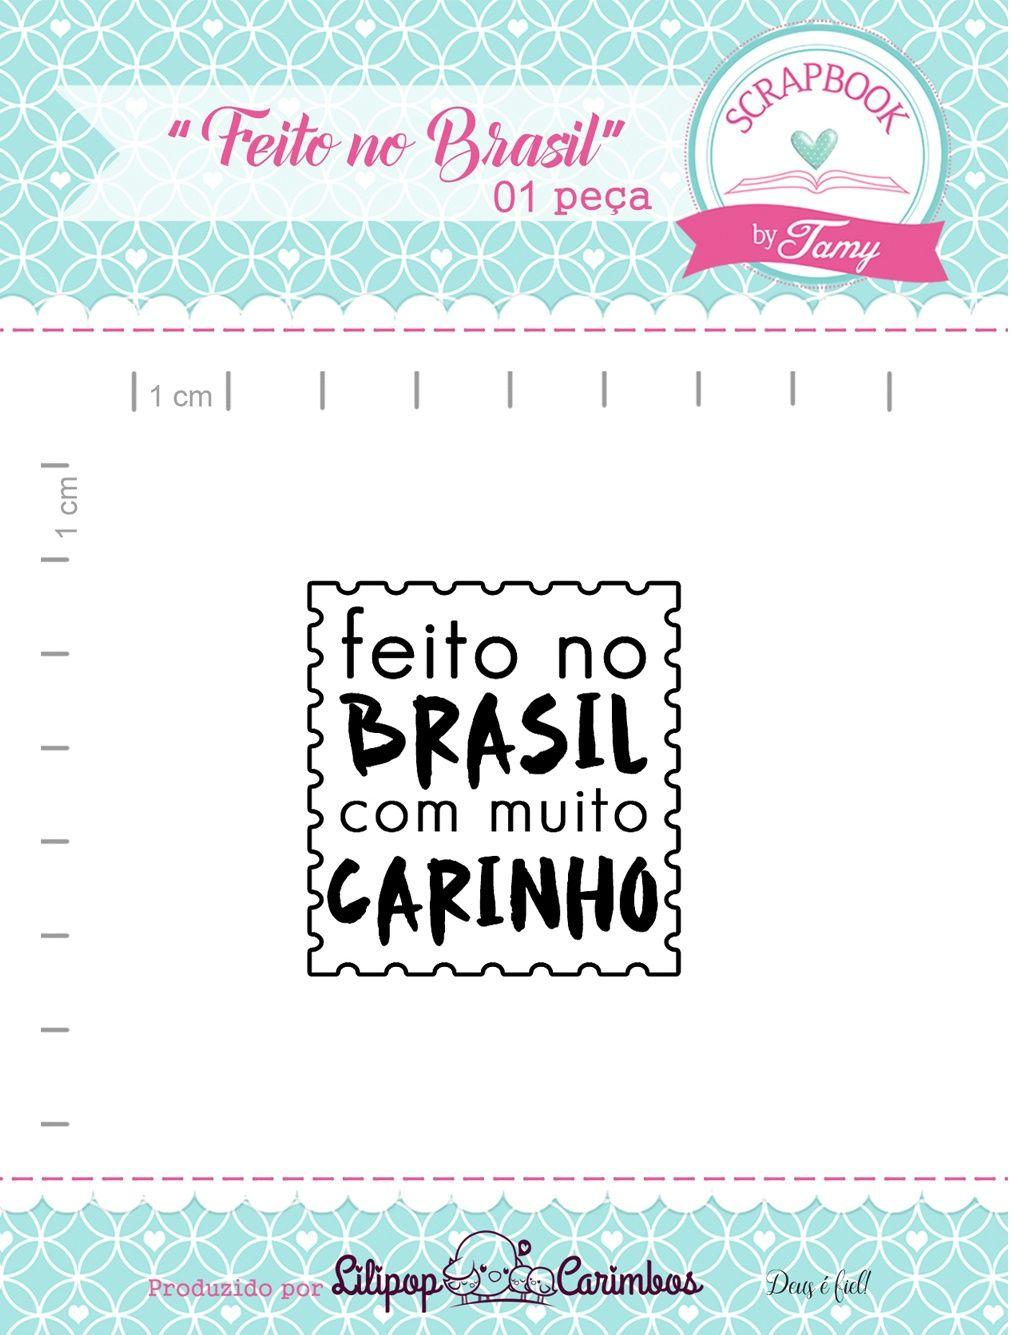 Kit de Carimbos - Feito no Brasil